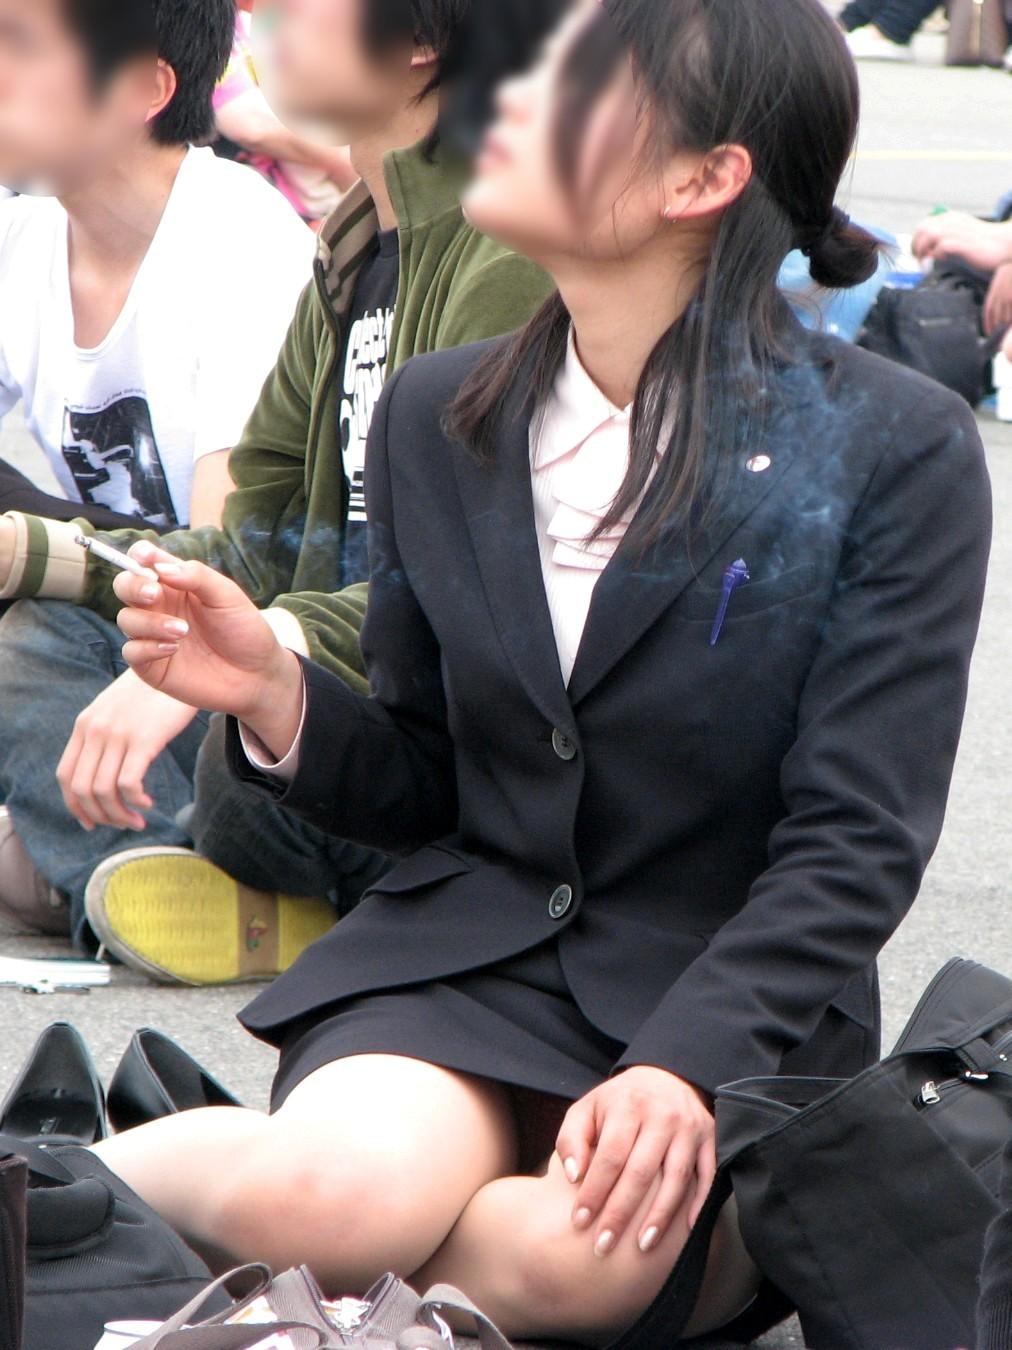 【パンチラ盗撮】業務中、社内行事に外回り…働く女性のムレた股間を必死に覗いたパンチラ画像 01